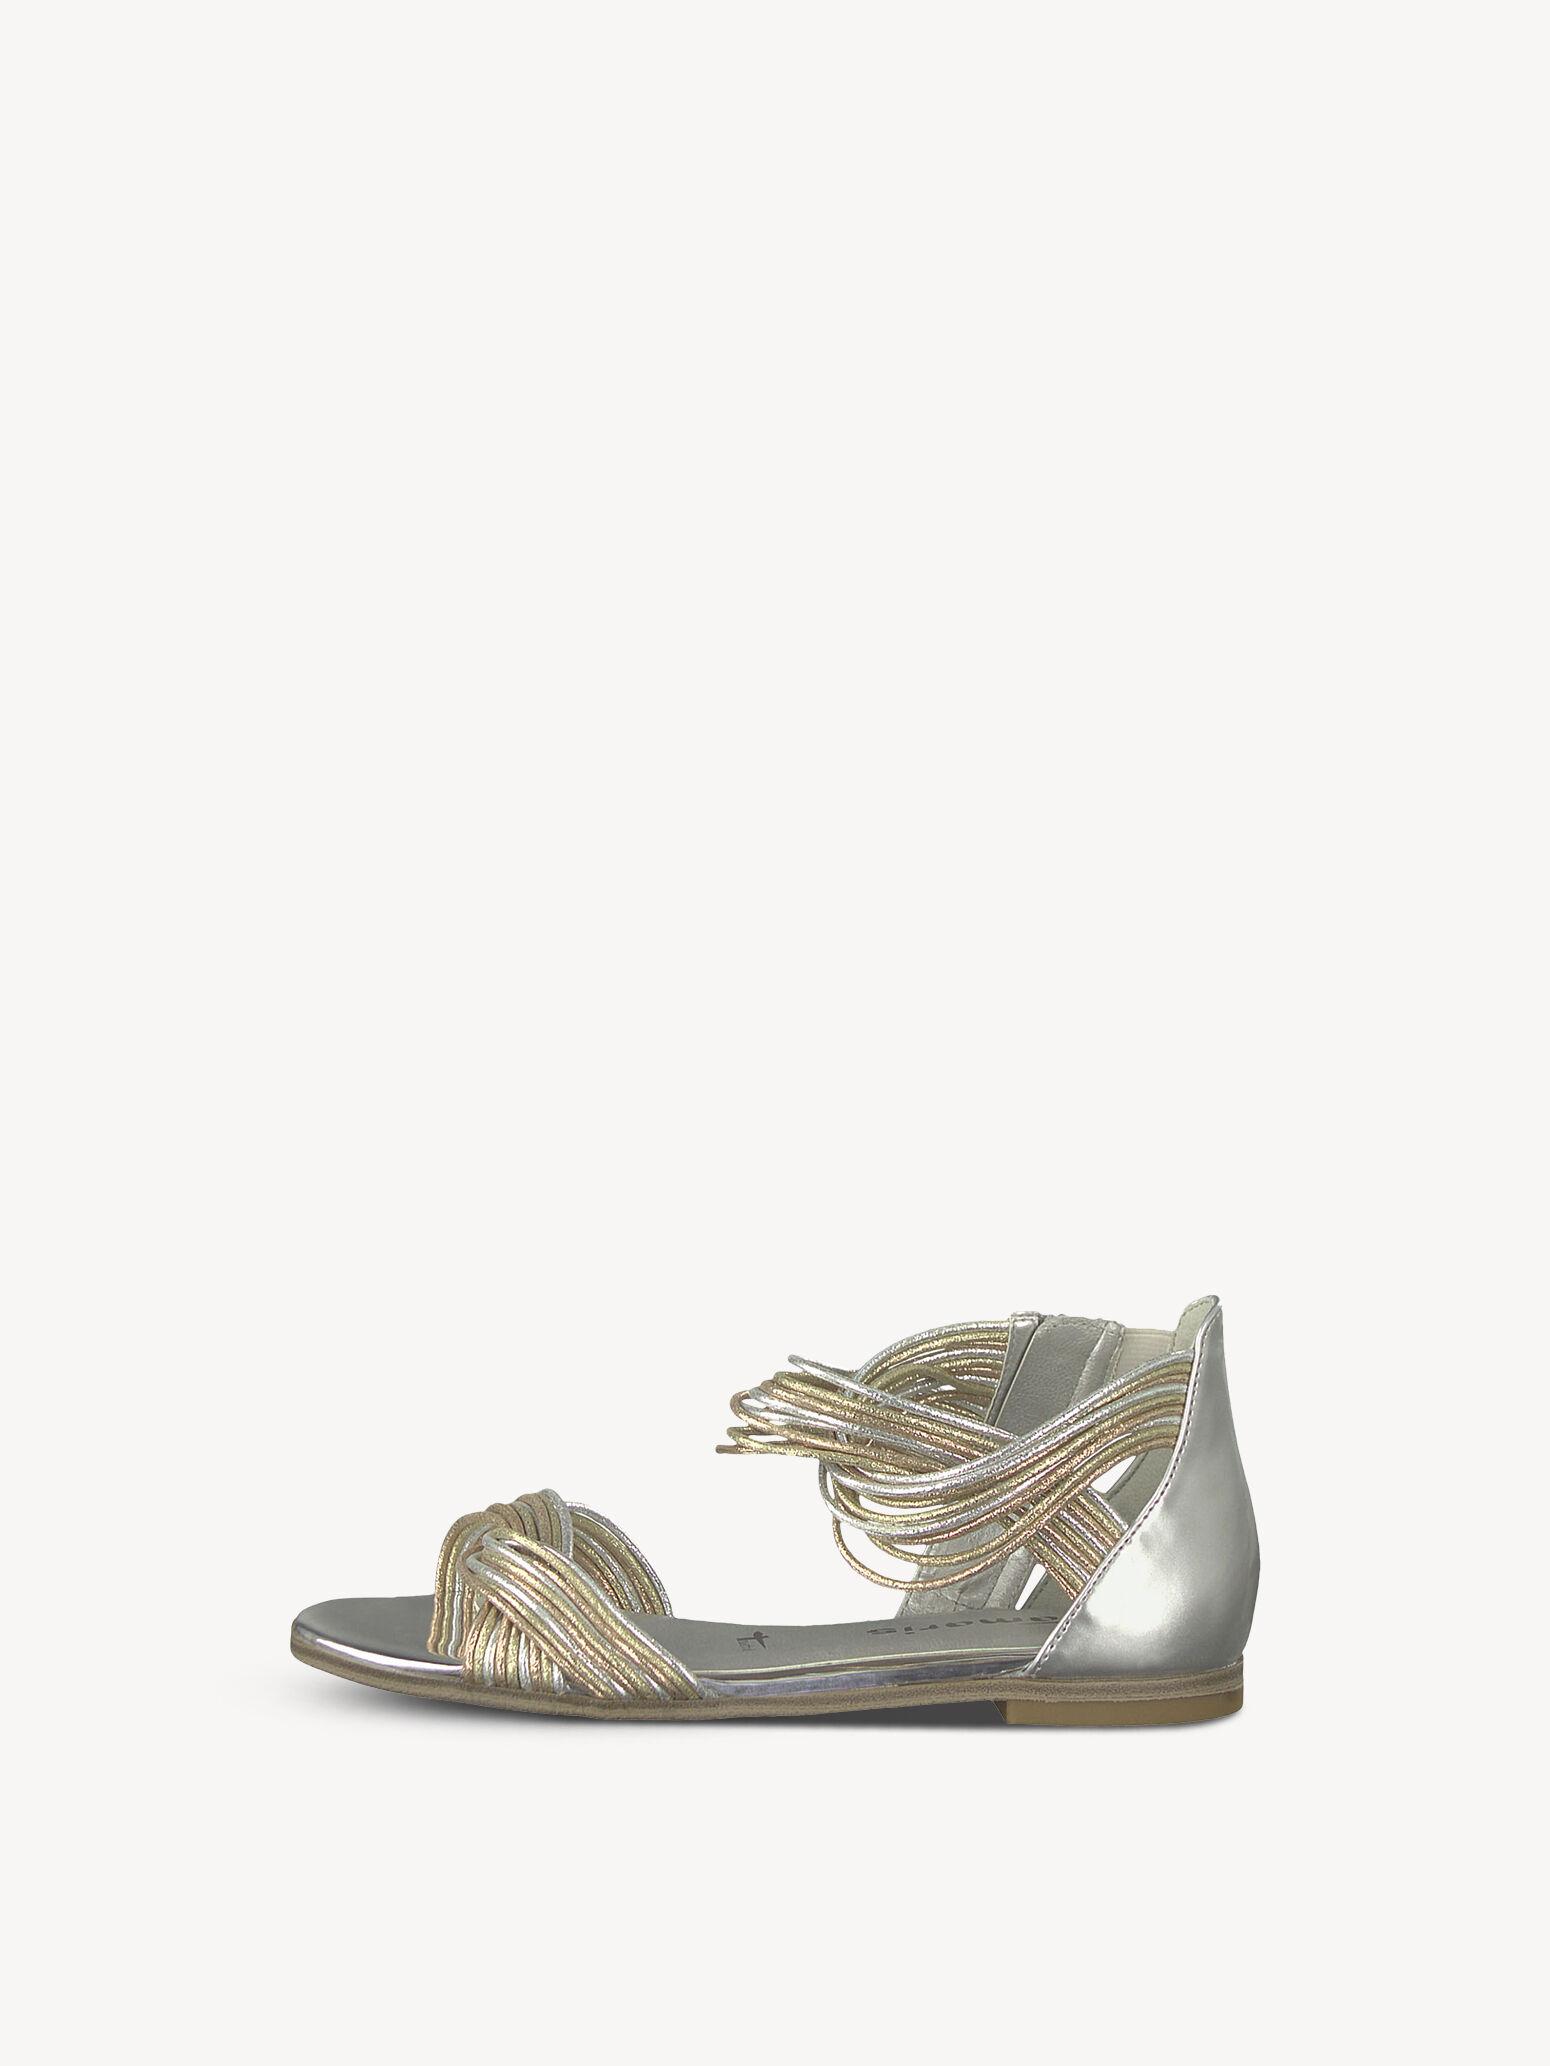 Buy Tamaris Sandals Online Now Now Online Sandals Buy Buy Tamaris Sc34jq5LAR